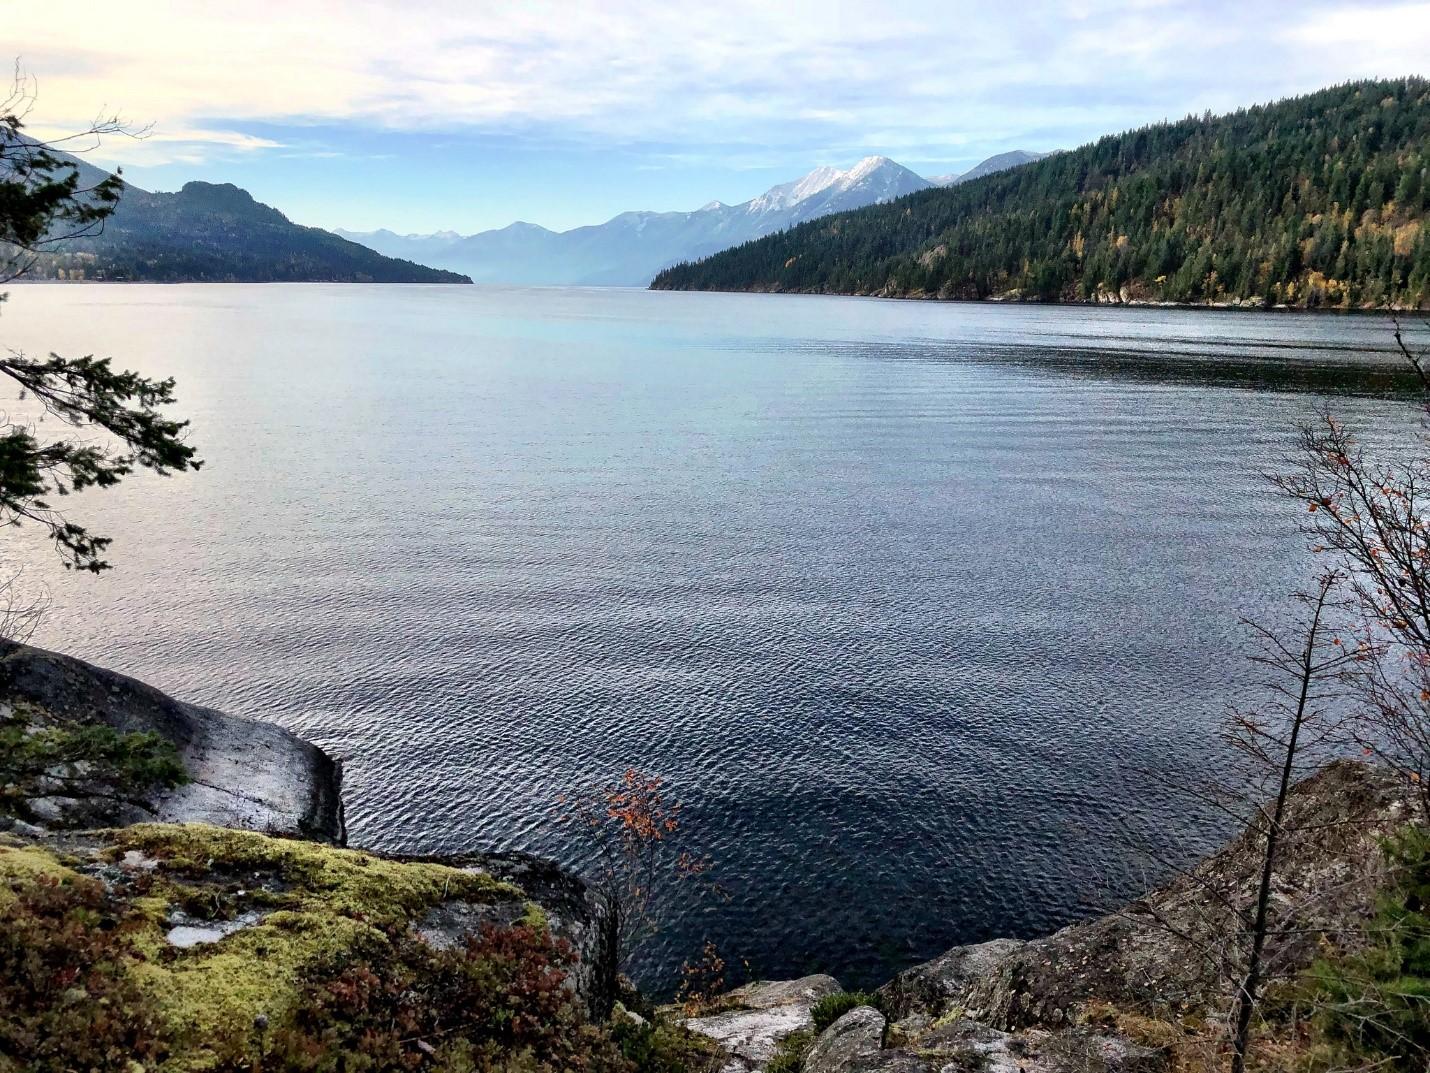 Le niveau d'eau du lac Kootenay est partiellement régularisé par des barrages en amont et en aval, y compris le barrage Corra Linn. Source : D. Taylor in Idaho.